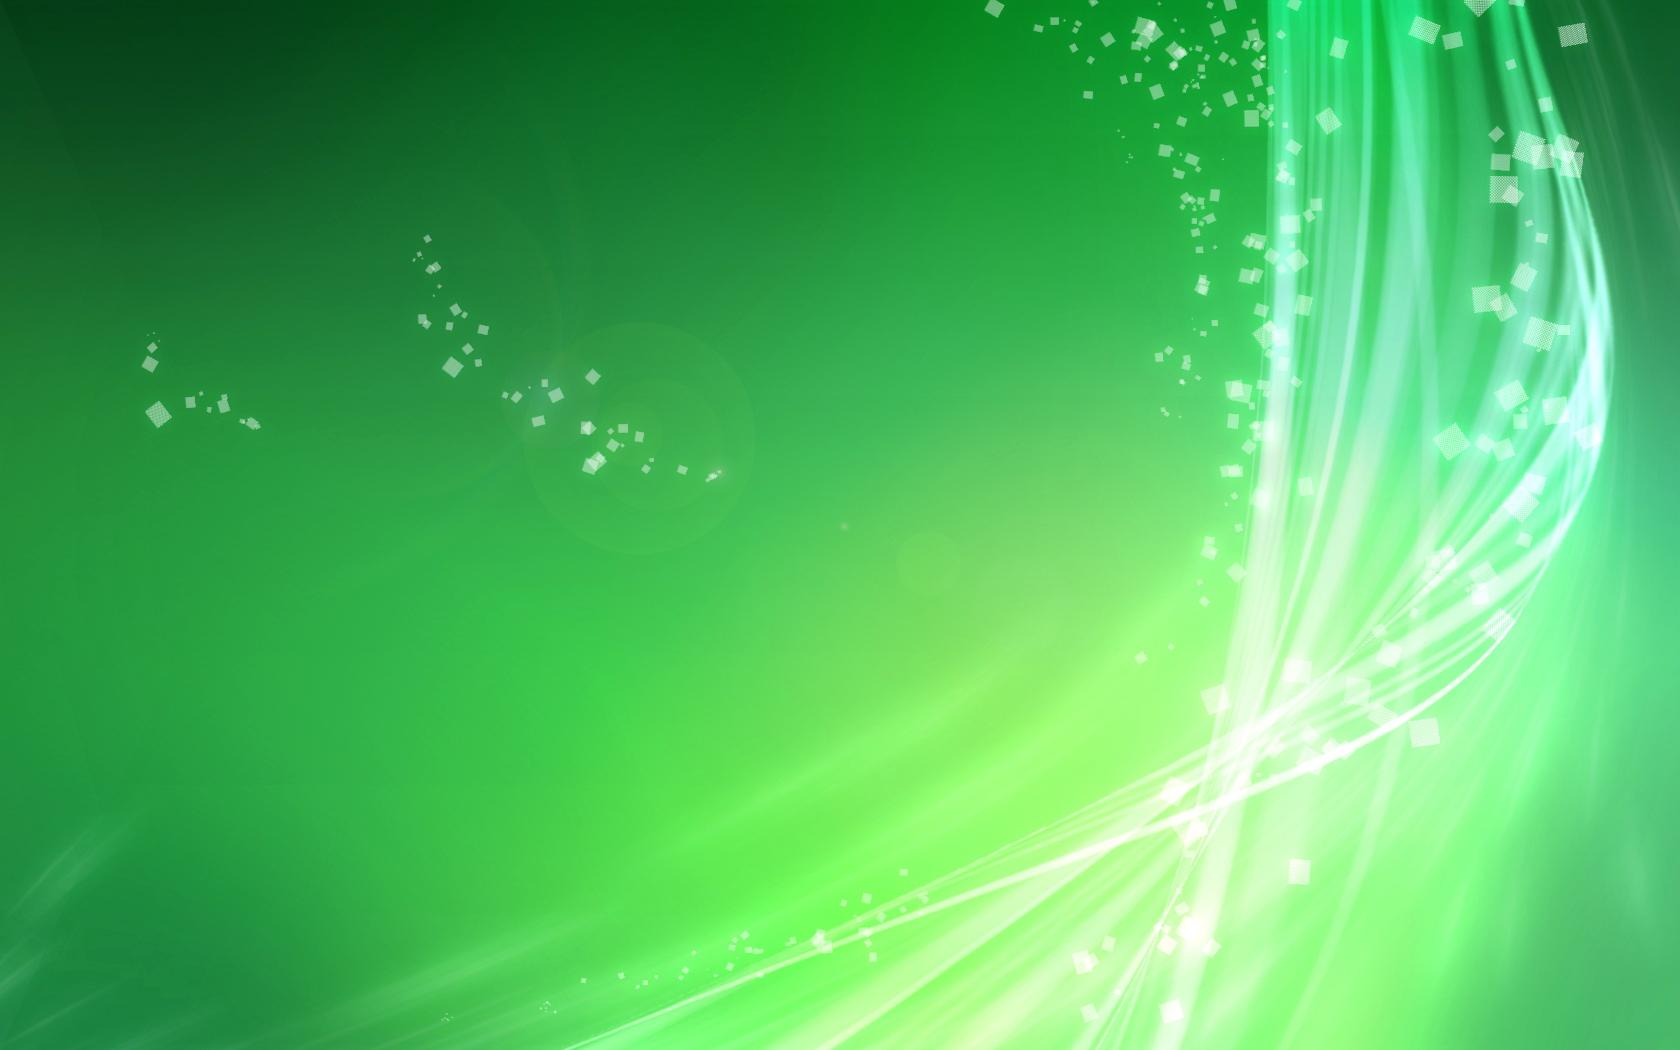 Green Wallpaper   Colors Wallpaper 34511113 1680x1050